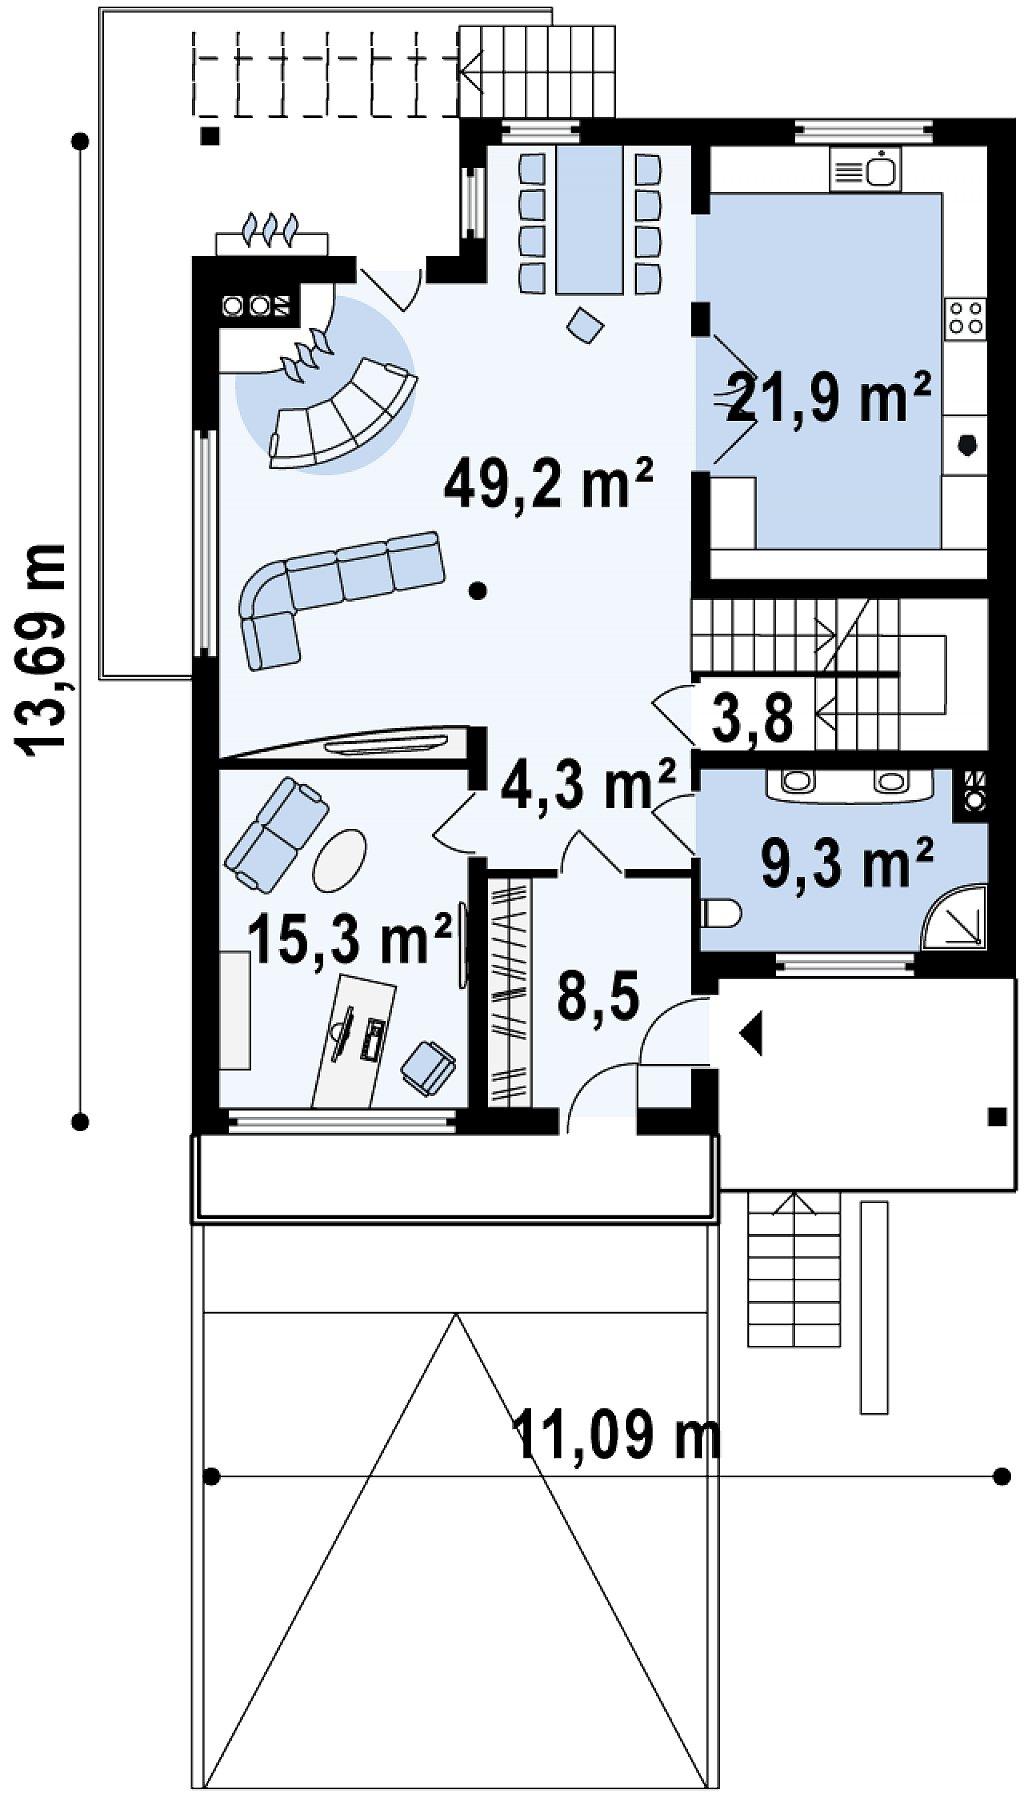 Проект выгодного и практичного двухэтажного дома с подвальным помещение, с дополнительной комнатой на первом этаже. план помещений 2